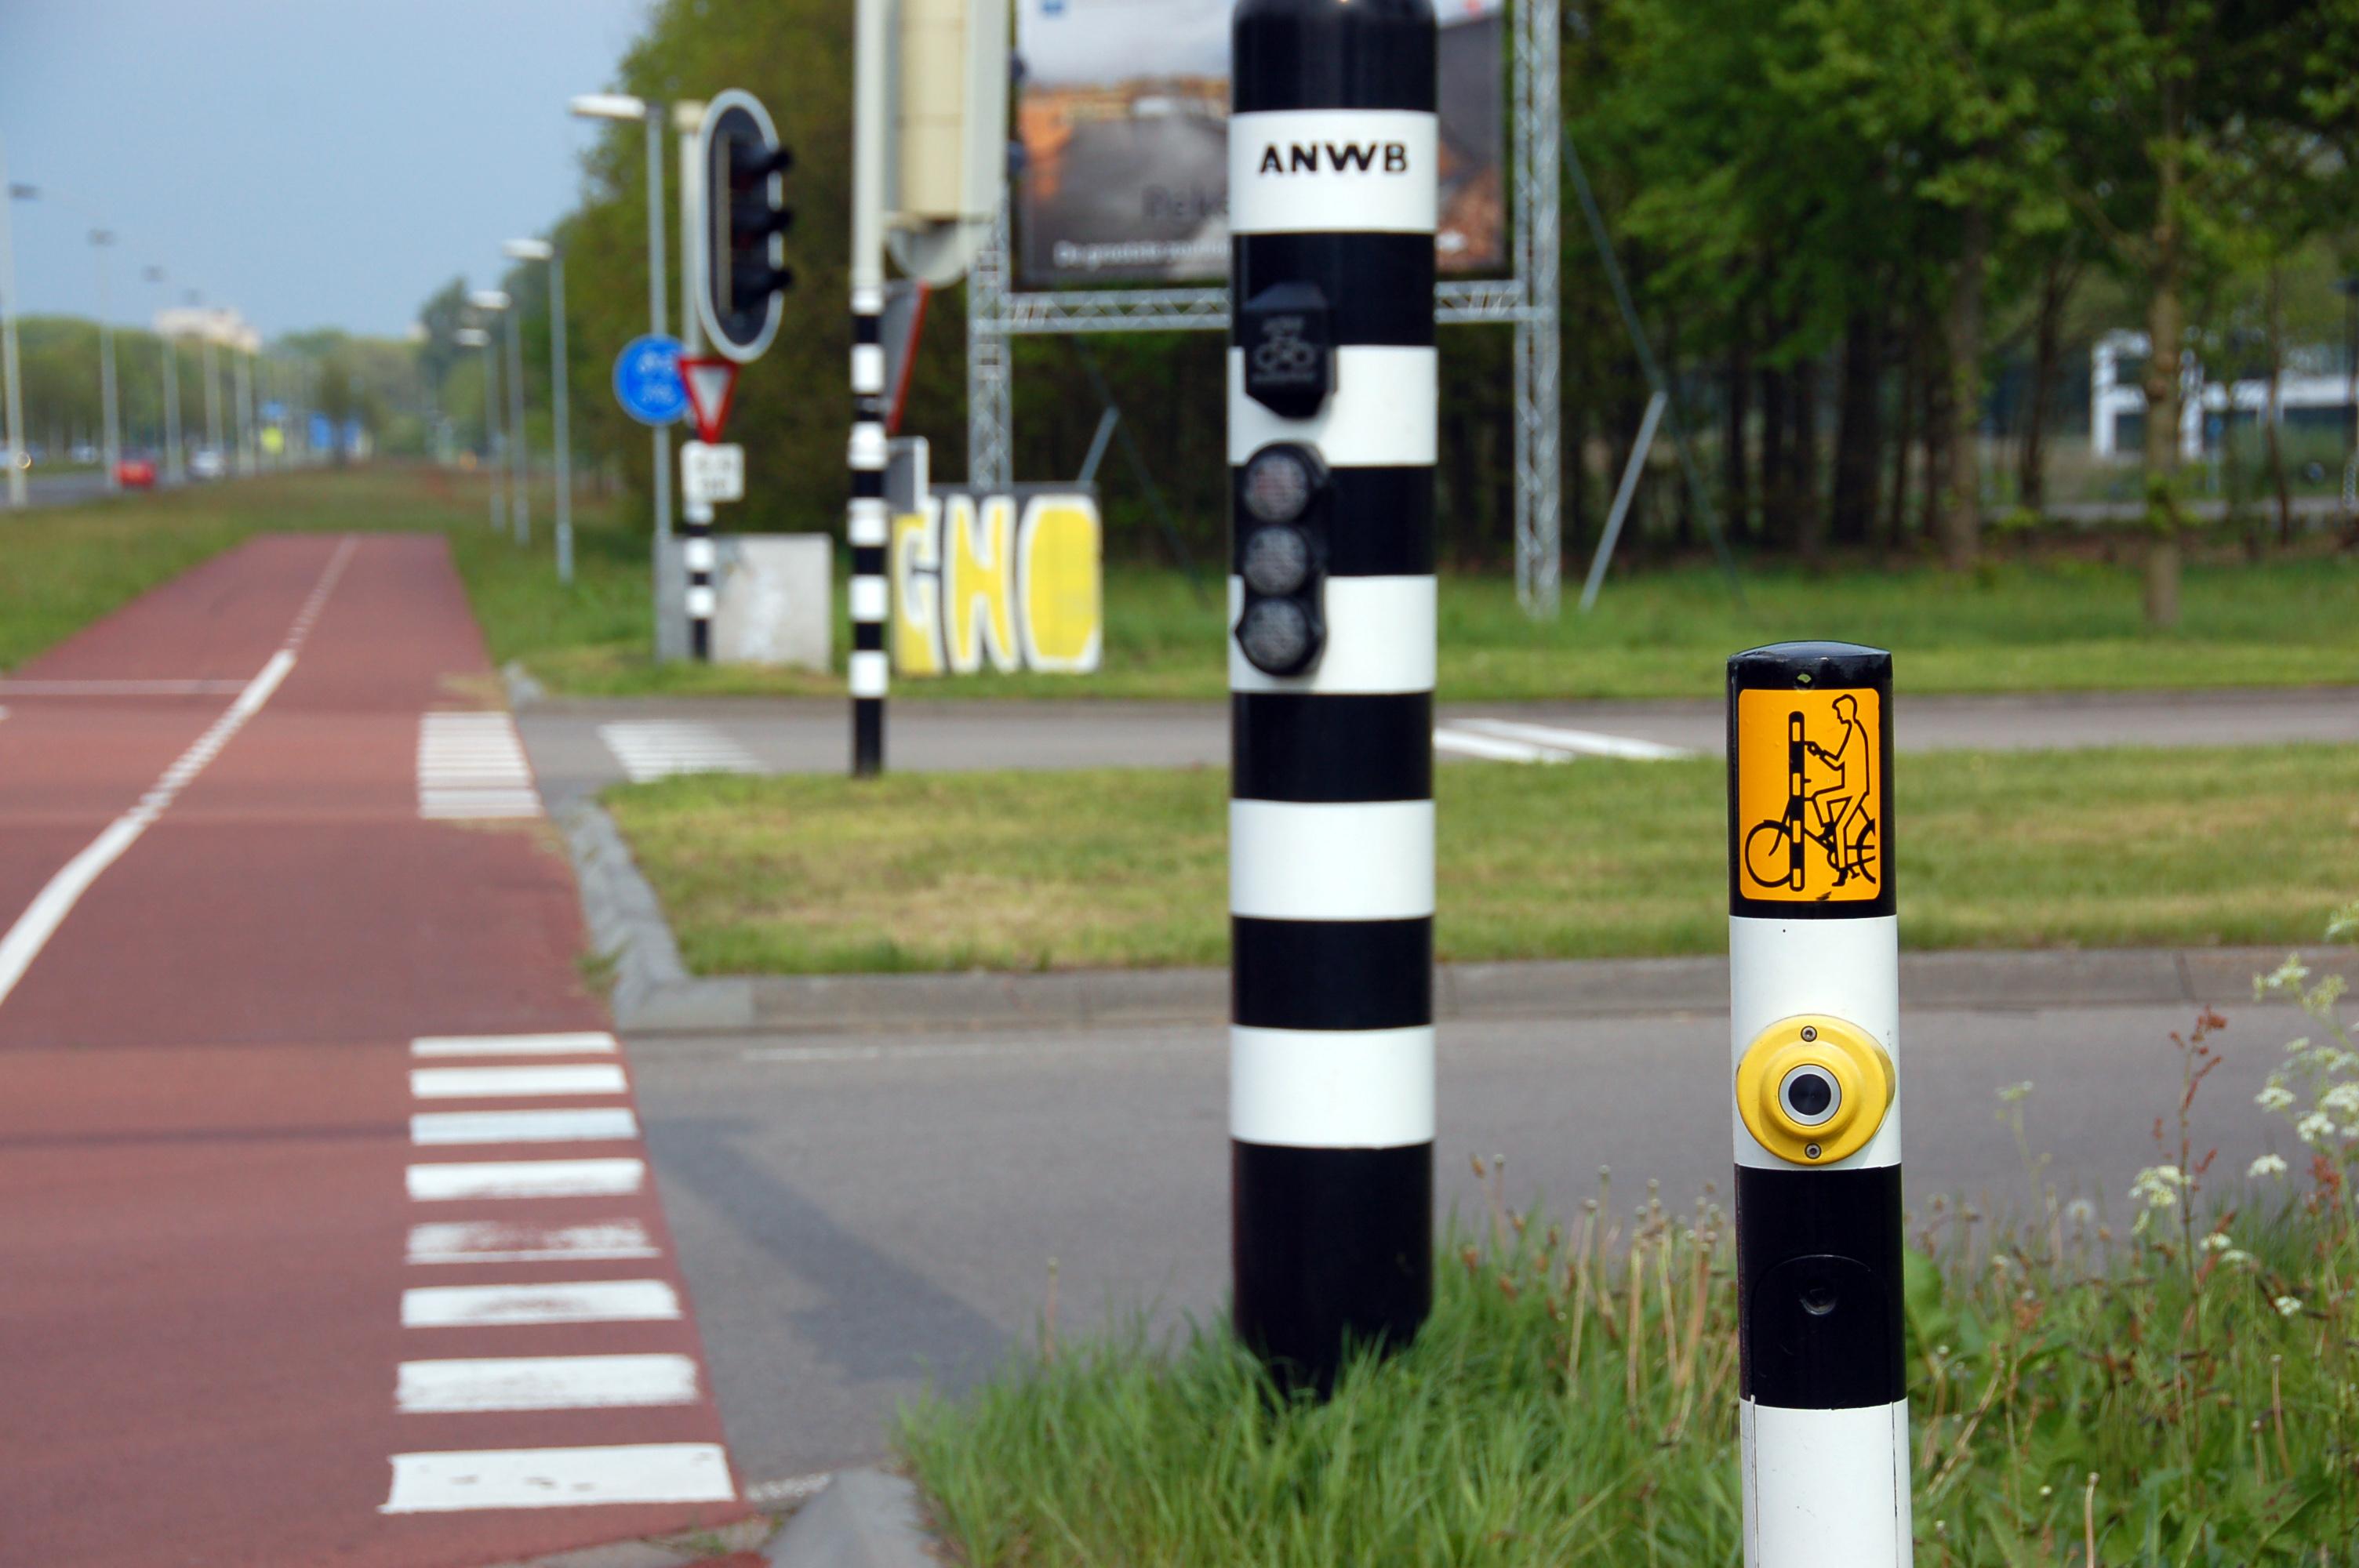 Datei:2010-05-breda-fahrradschilder-by-RalfR-09.jpg